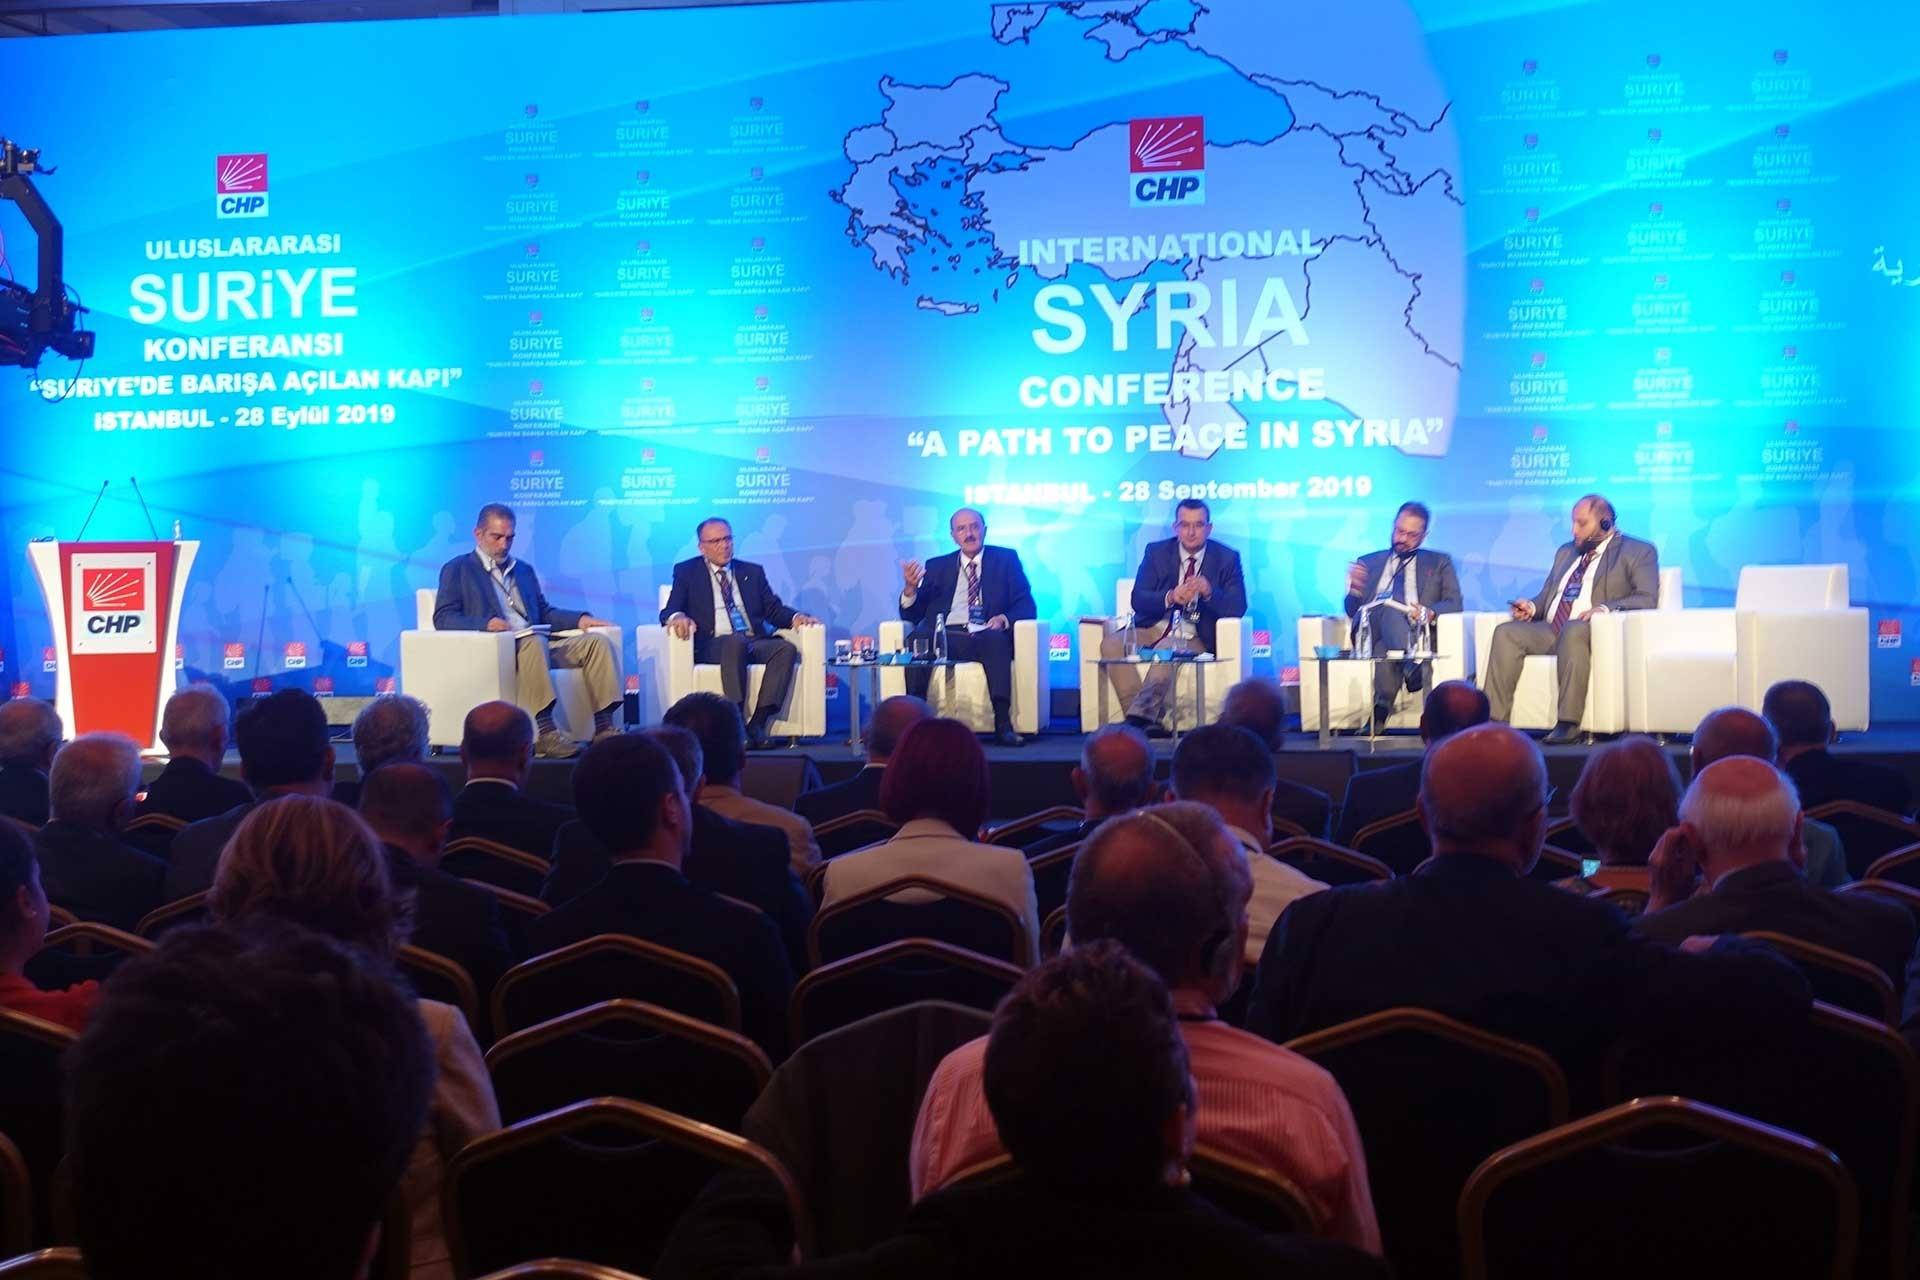 Uluslararası Suriye Konferansı